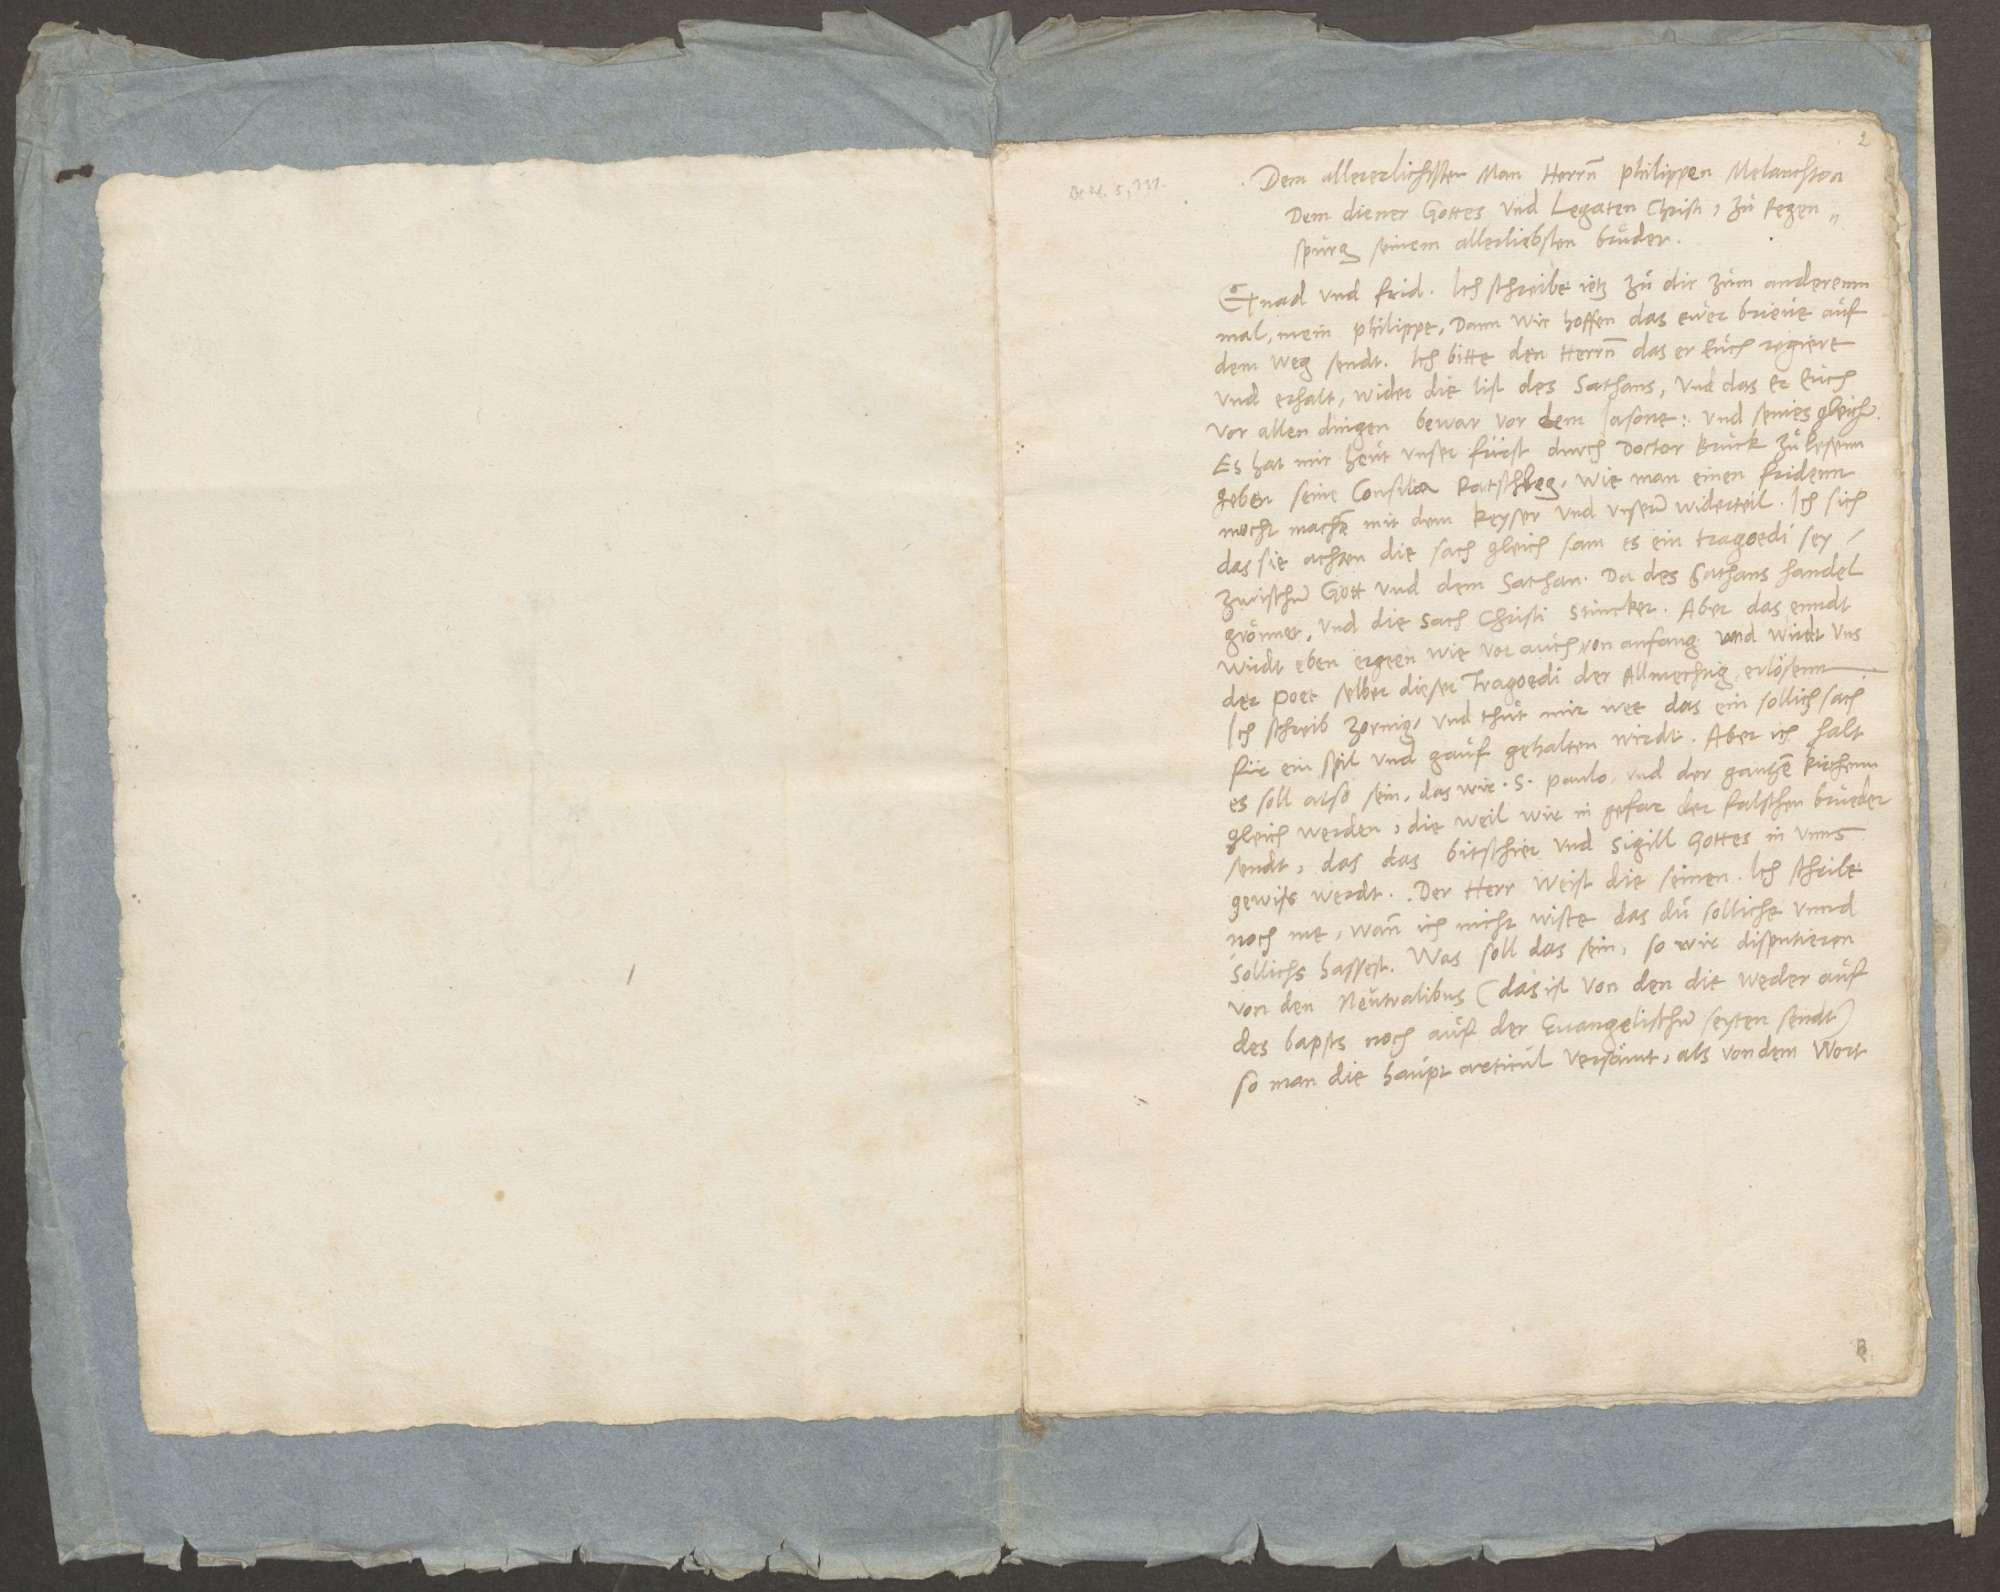 Schreiben von Luther an Melanchthon und Kaspar Kreuzinger, vermutlich zur Zeit des Wormser Gesprächs geschrieben, nebst den zu Worms übergebenen Religionsartikeln der Protestanten (Abschriften), Bild 3